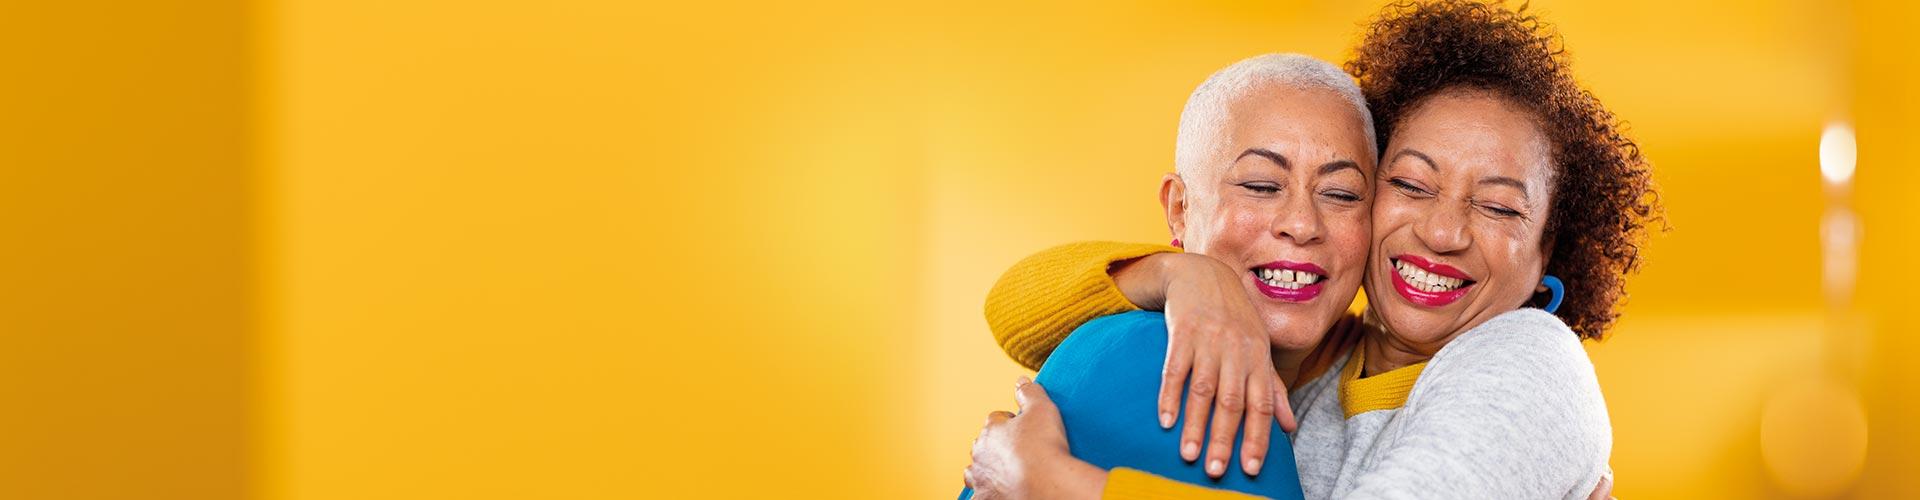 兩個中年婦女擁抱在了一起。一個人戴著飛利浦 HearLink 耳掛式助聽器。